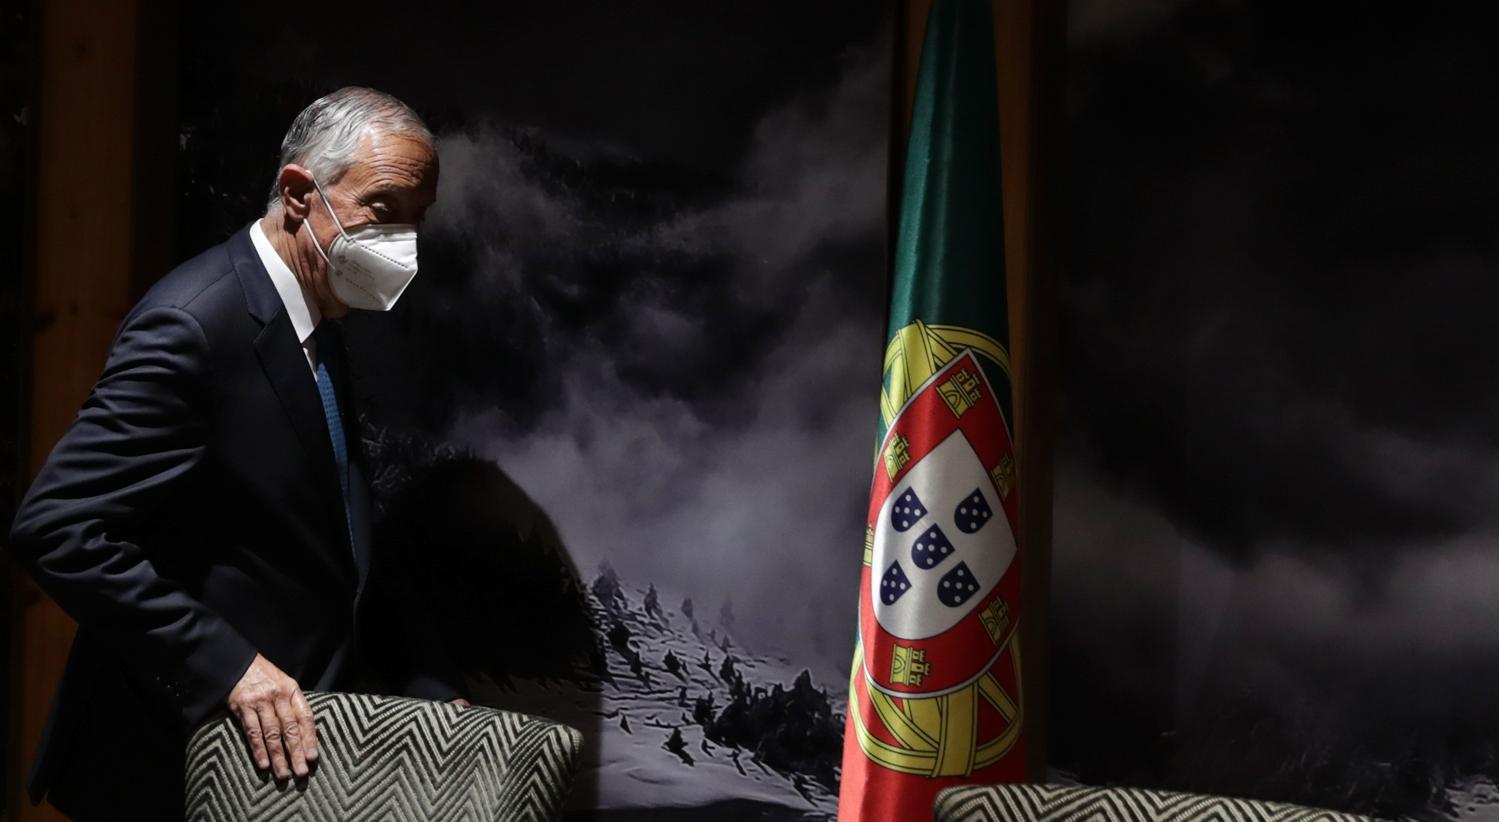 Inseminação pós-morte. Marcelo devolve decreto ao Parlamento